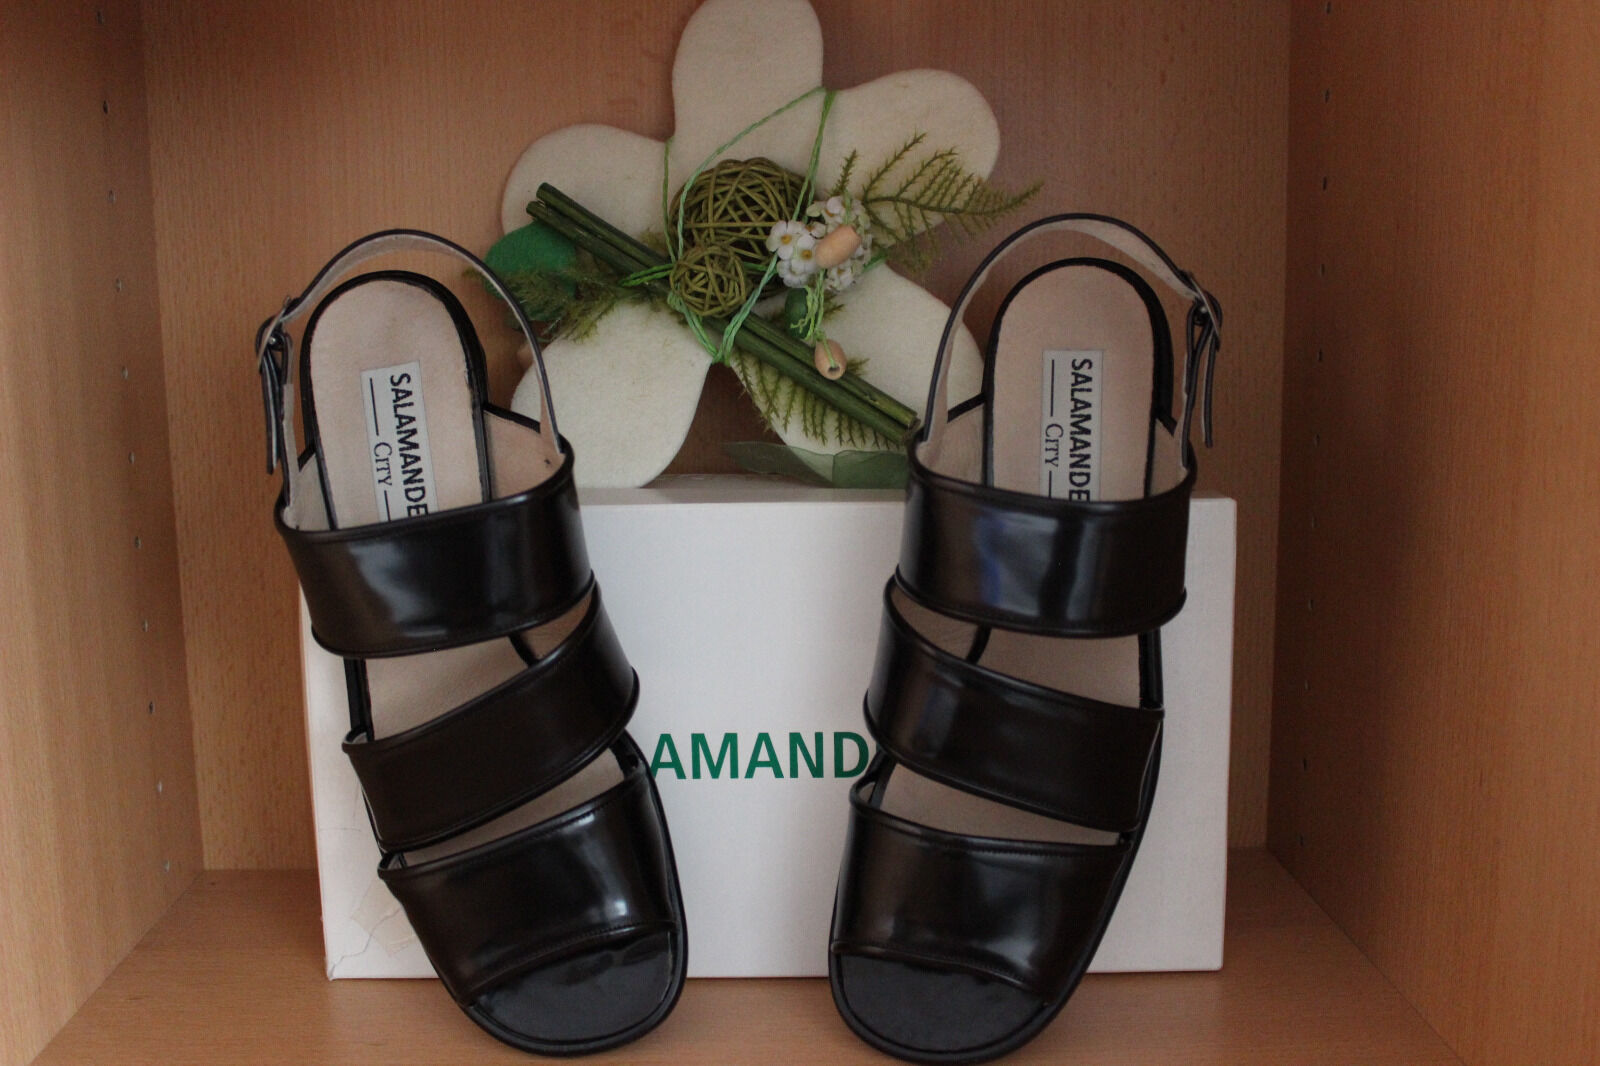 *Salamander* Damen Sandaletten 6,5 *NEU* Leder Sandalen Sandalette 6,5 Sandaletten /40 braun 362ce9